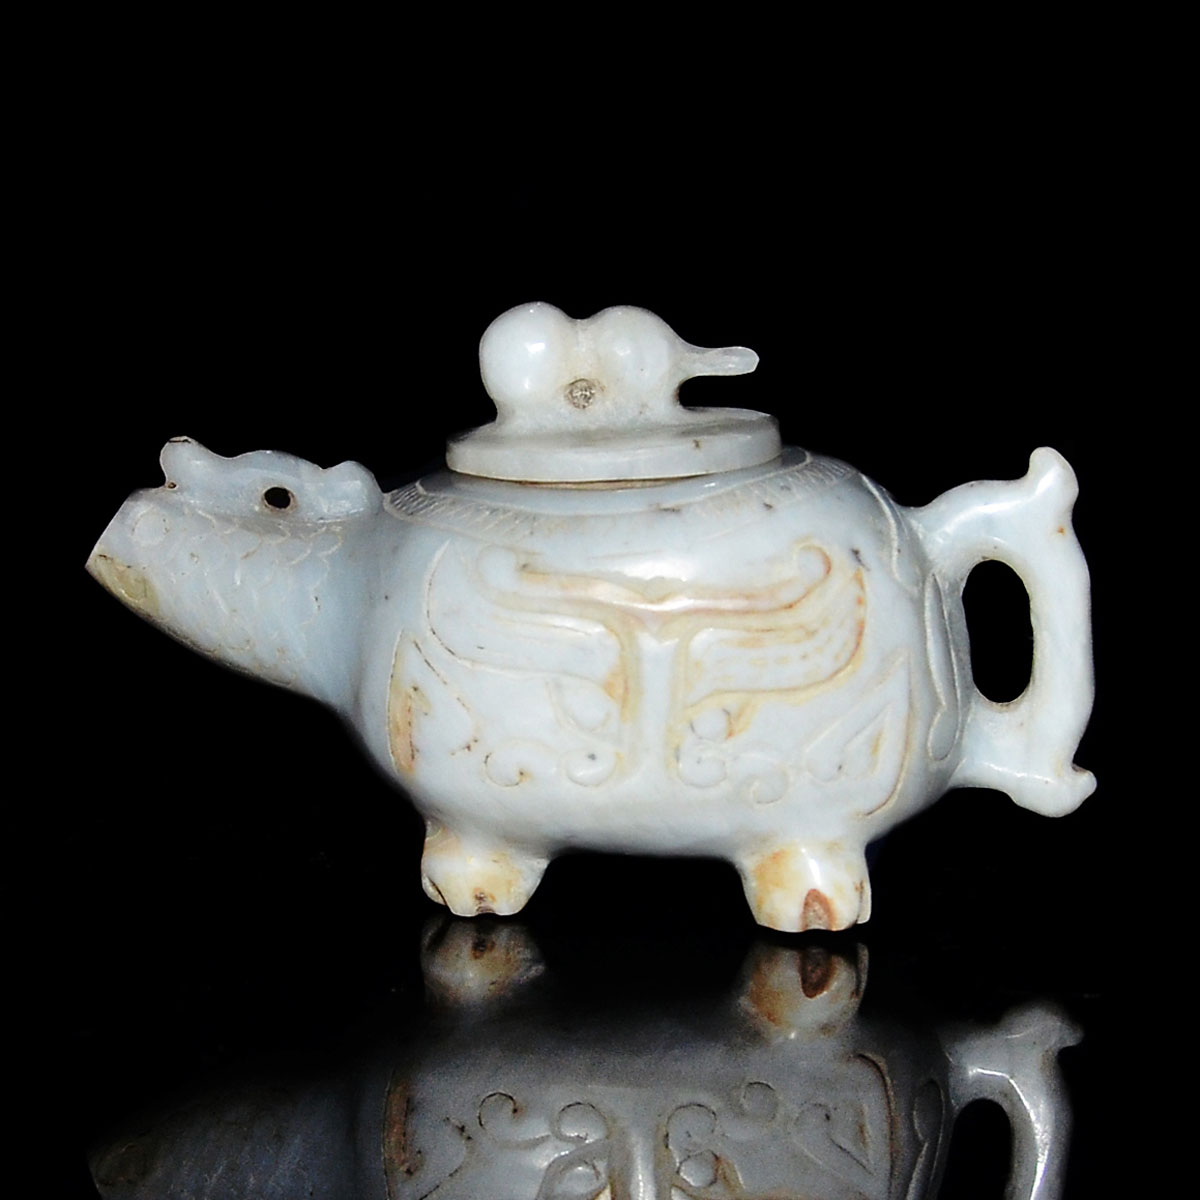 漢-玉雕獸首紋葫蘆蓋四獸足壺 Han, A Rare Jade Archaistic Vessel with Cover The elongated oval section of the